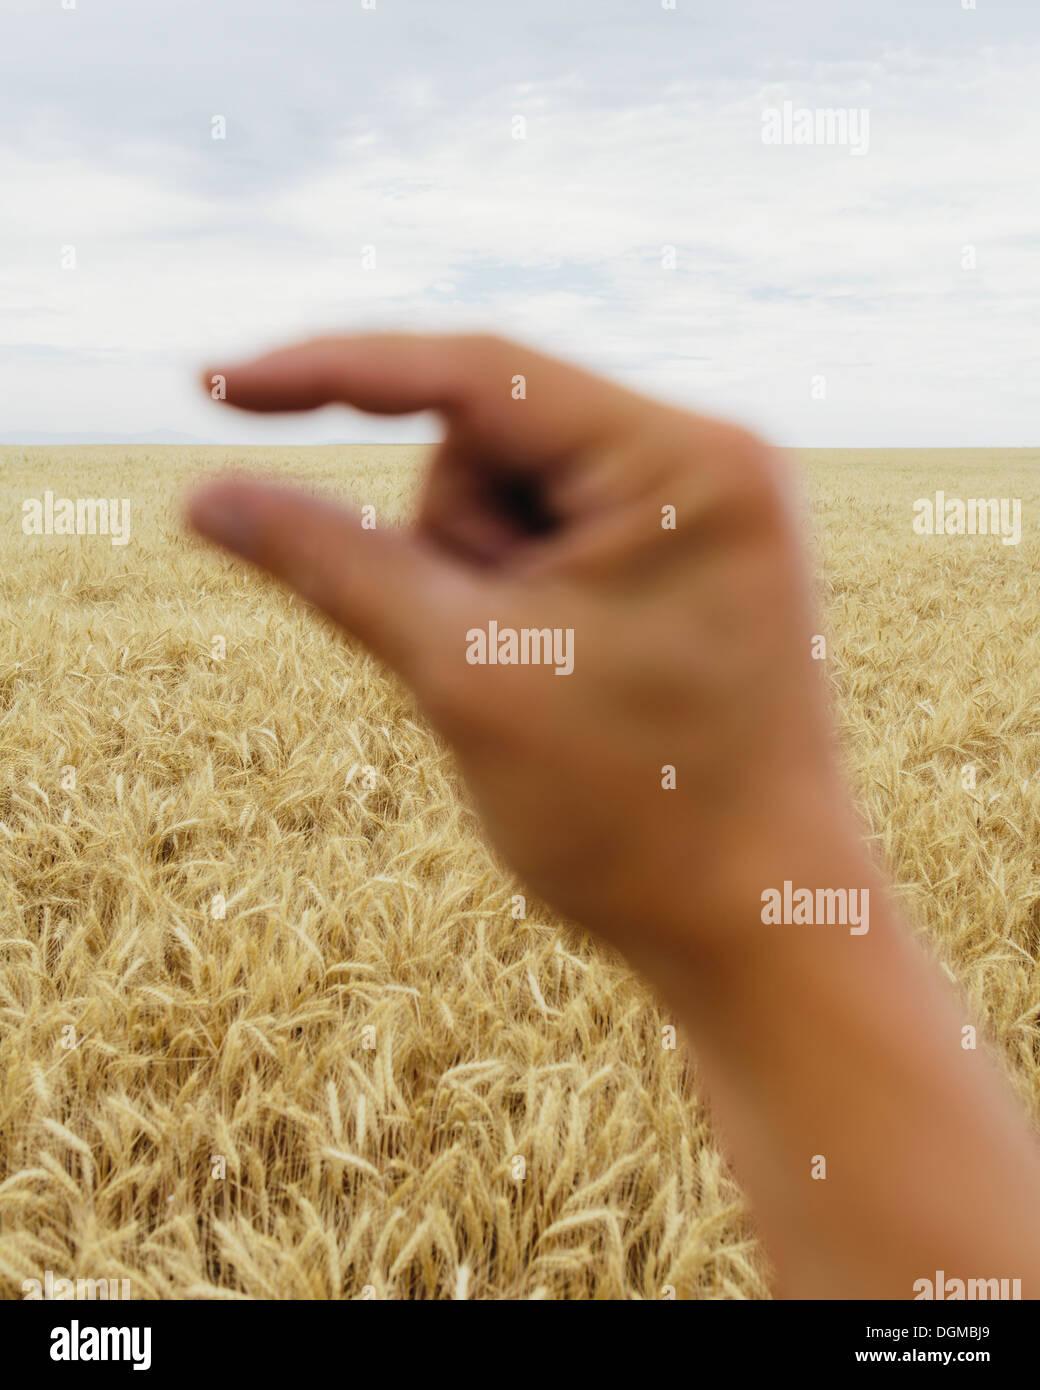 Una mano humana con las puntas de los dedos índice y pulgar juntos. Enmarcando la línea del horizonte Imagen De Stock